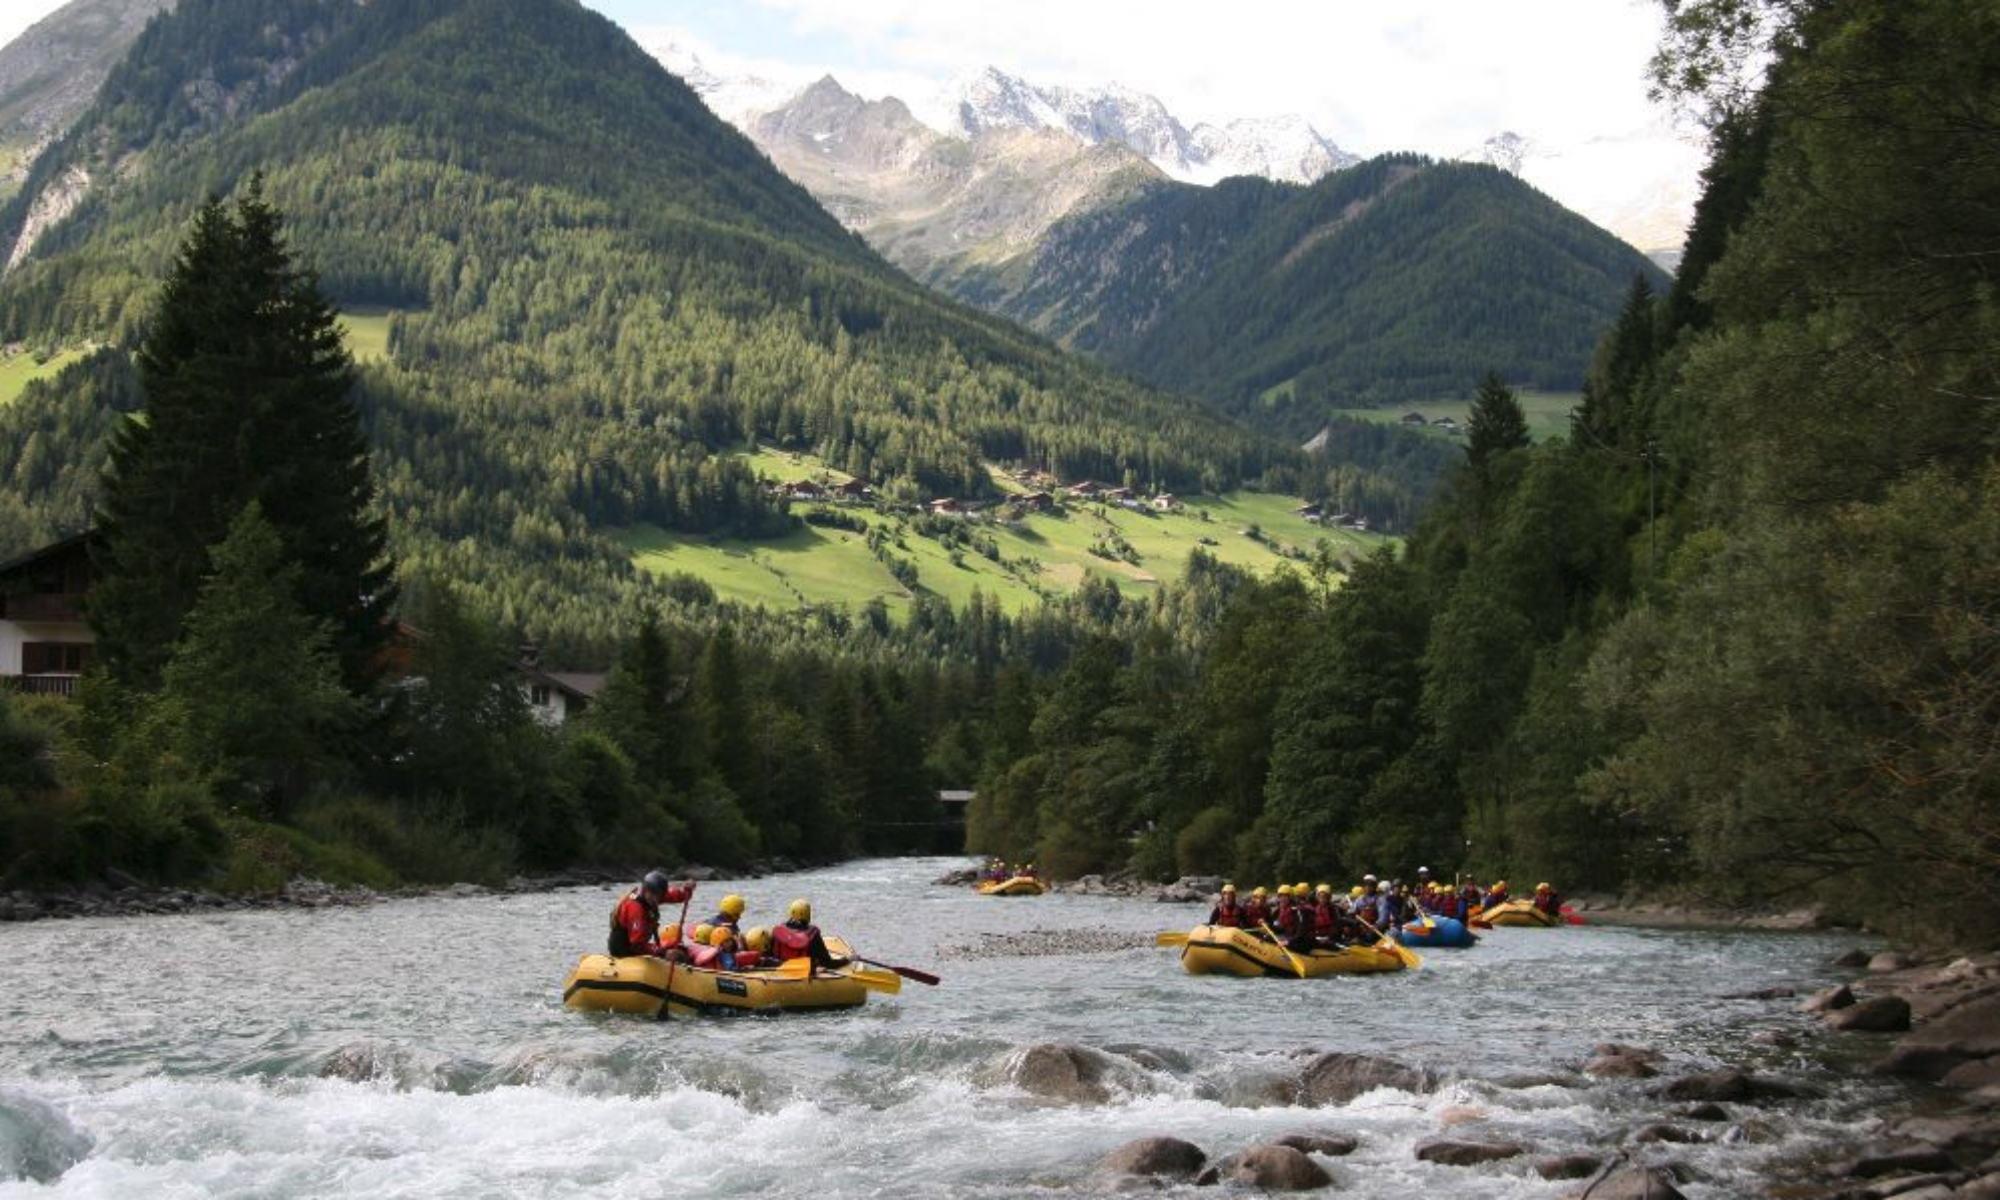 Mehrere Rafts paddeln auf einem Wildwasserfluss in Südtirol.